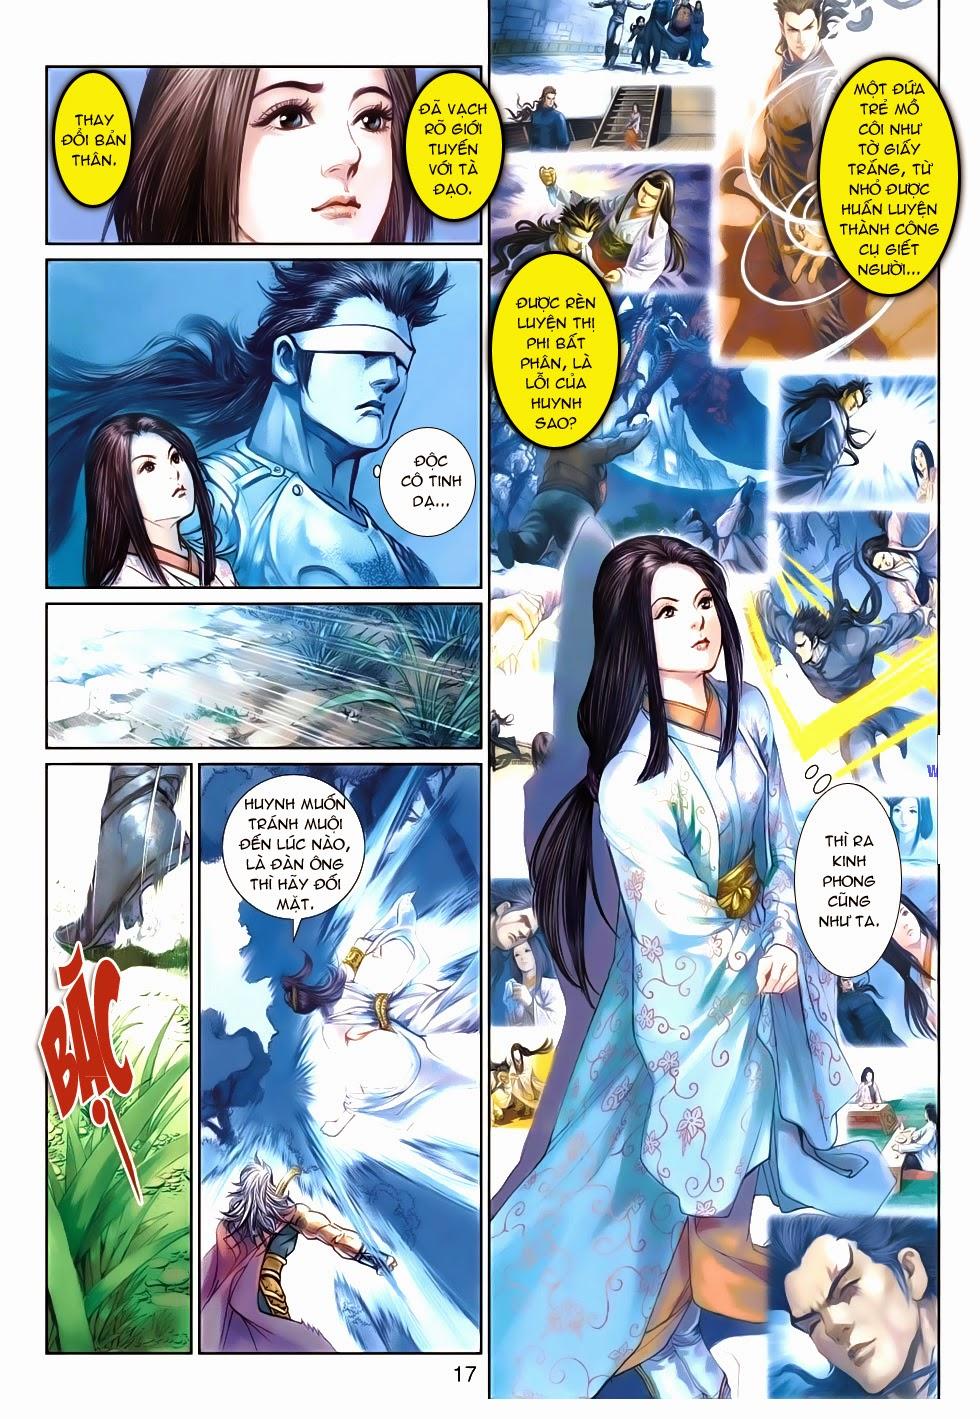 Thần Binh Tiền Truyện 4 - Huyền Thiên Tà Đế chap 9 - Trang 17